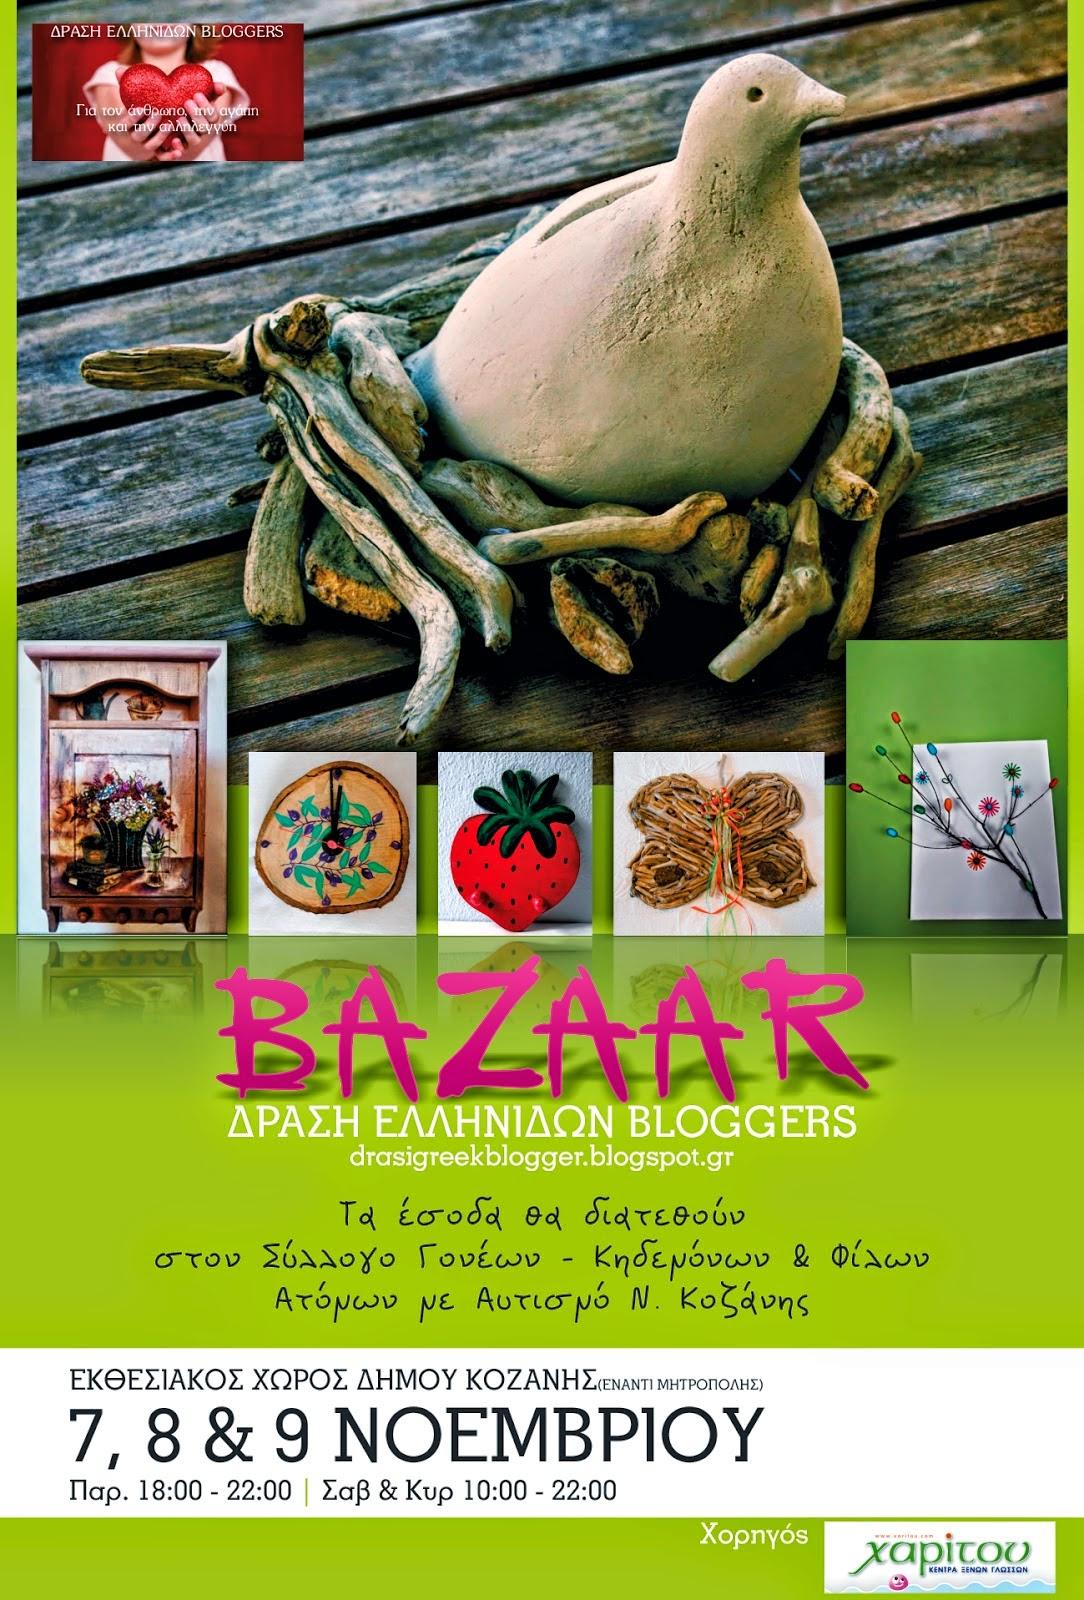 Bazaar  με Ξύλινες Δημιουργίες